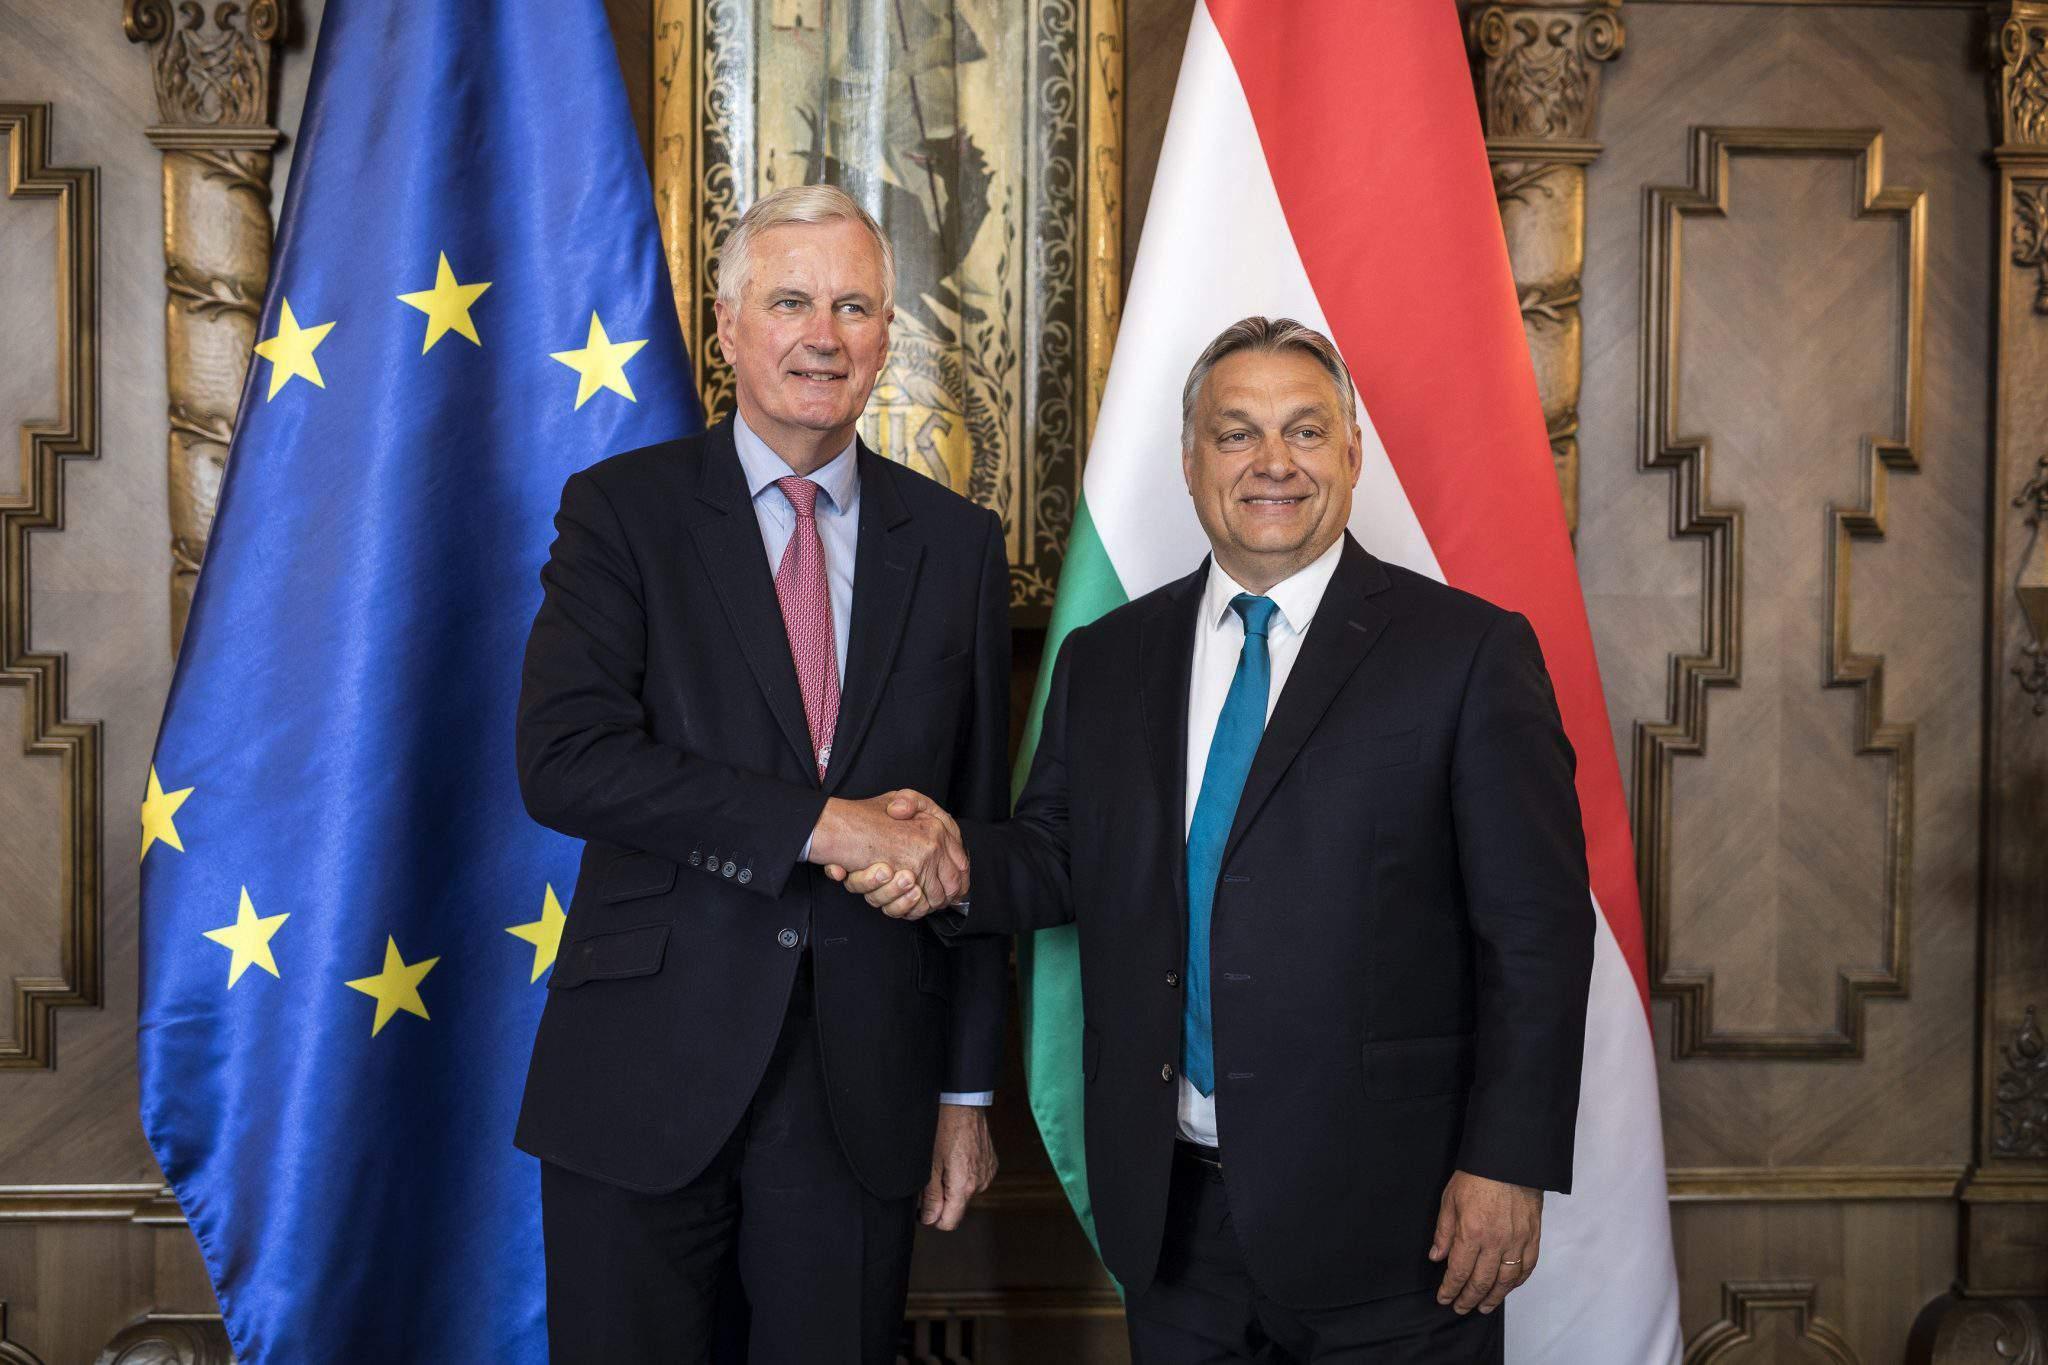 Viktor Orbán European Union